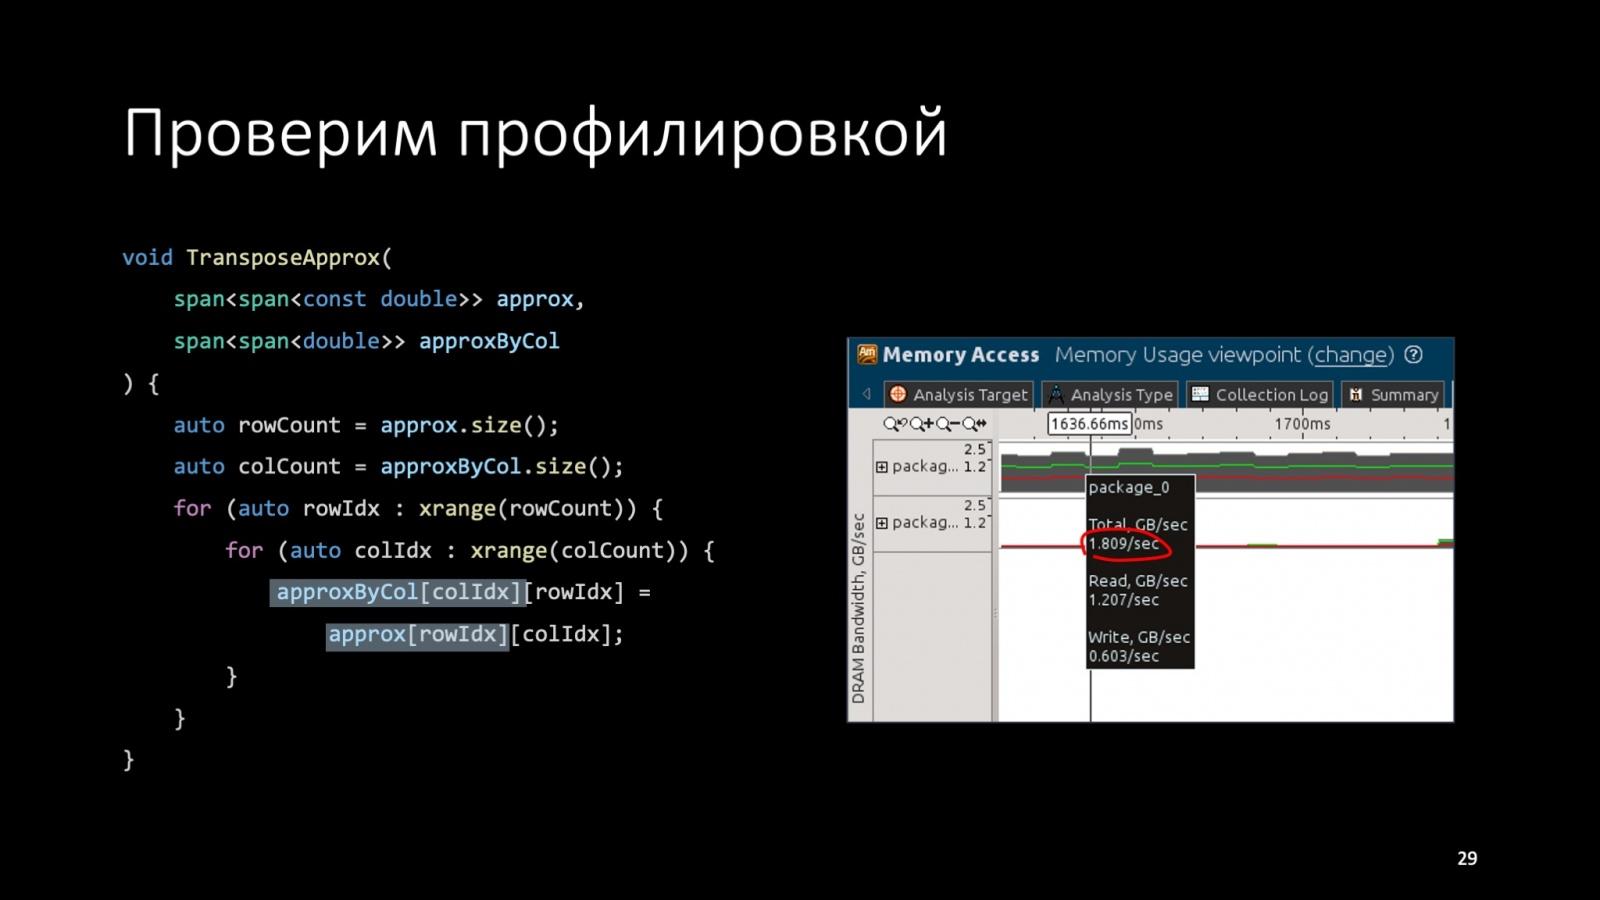 Оптимизация C++: совмещаем скорость и высокий уровень. Доклад Яндекса - 30